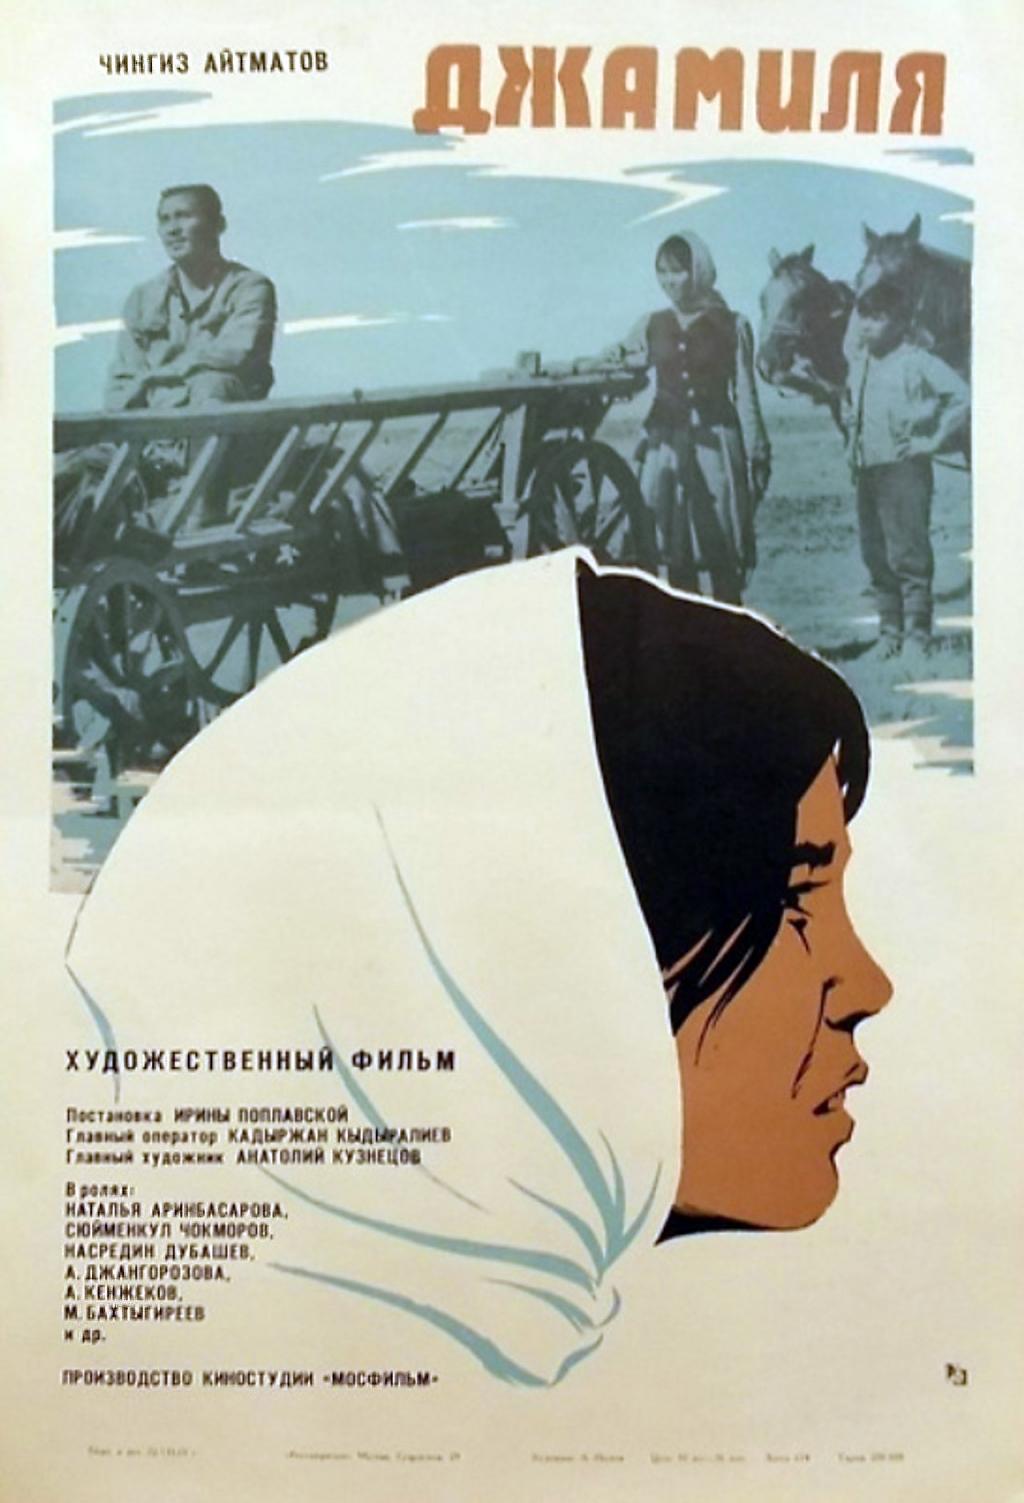 Tác phẩm Jamilya nổi tiếng của ông được dựng thành phim năm 1968